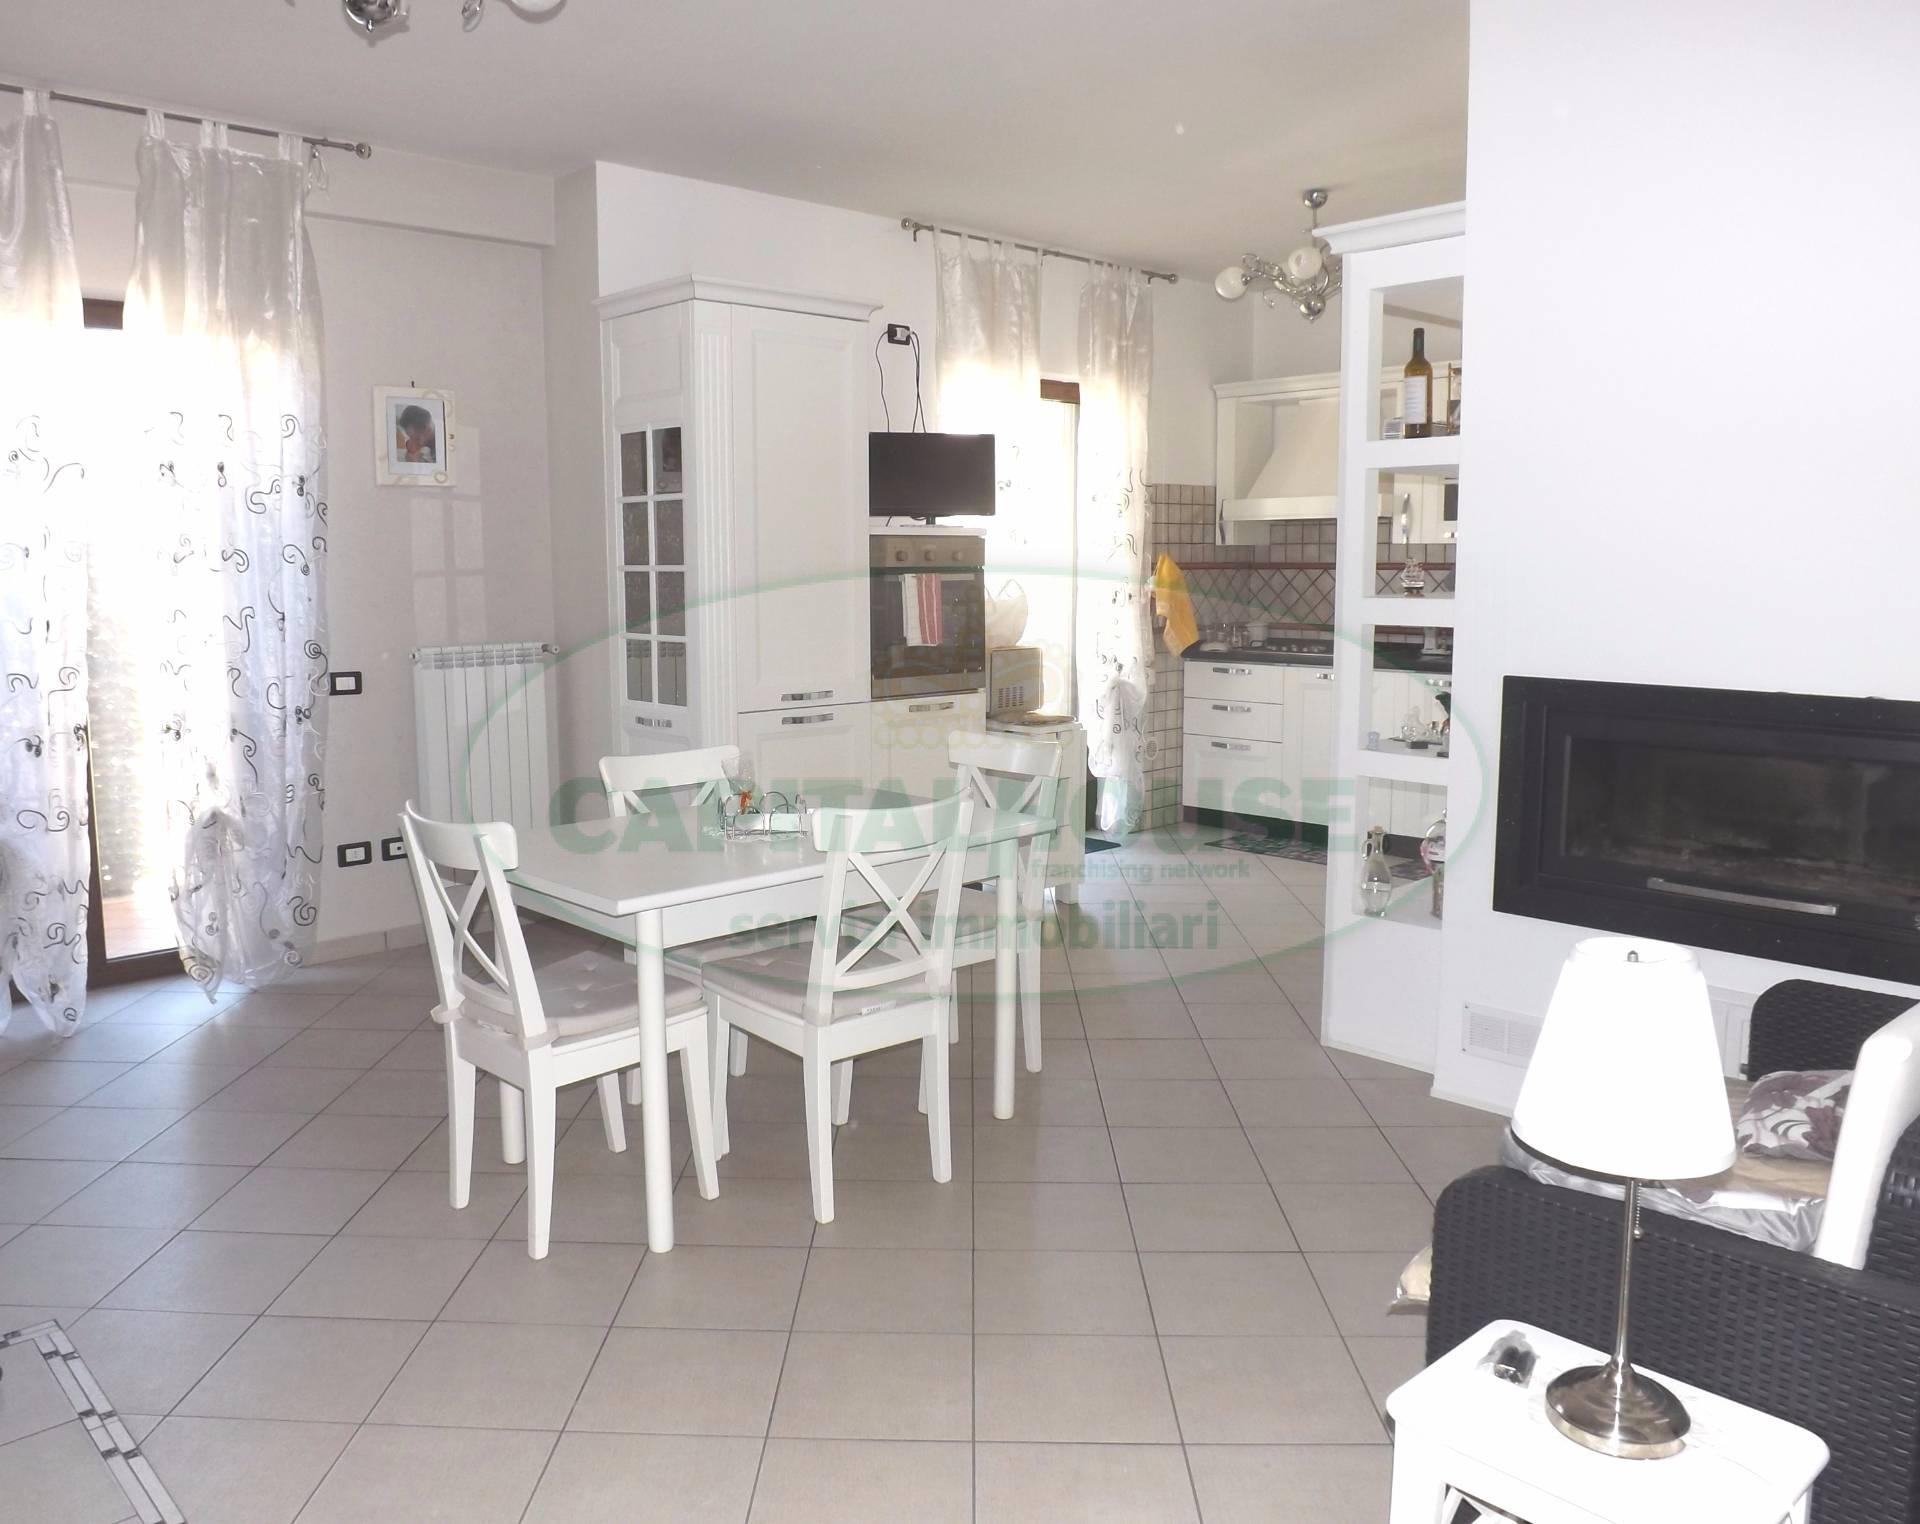 Appartamento in vendita a Pratola Serra, 4 locali, prezzo € 150.000 | CambioCasa.it